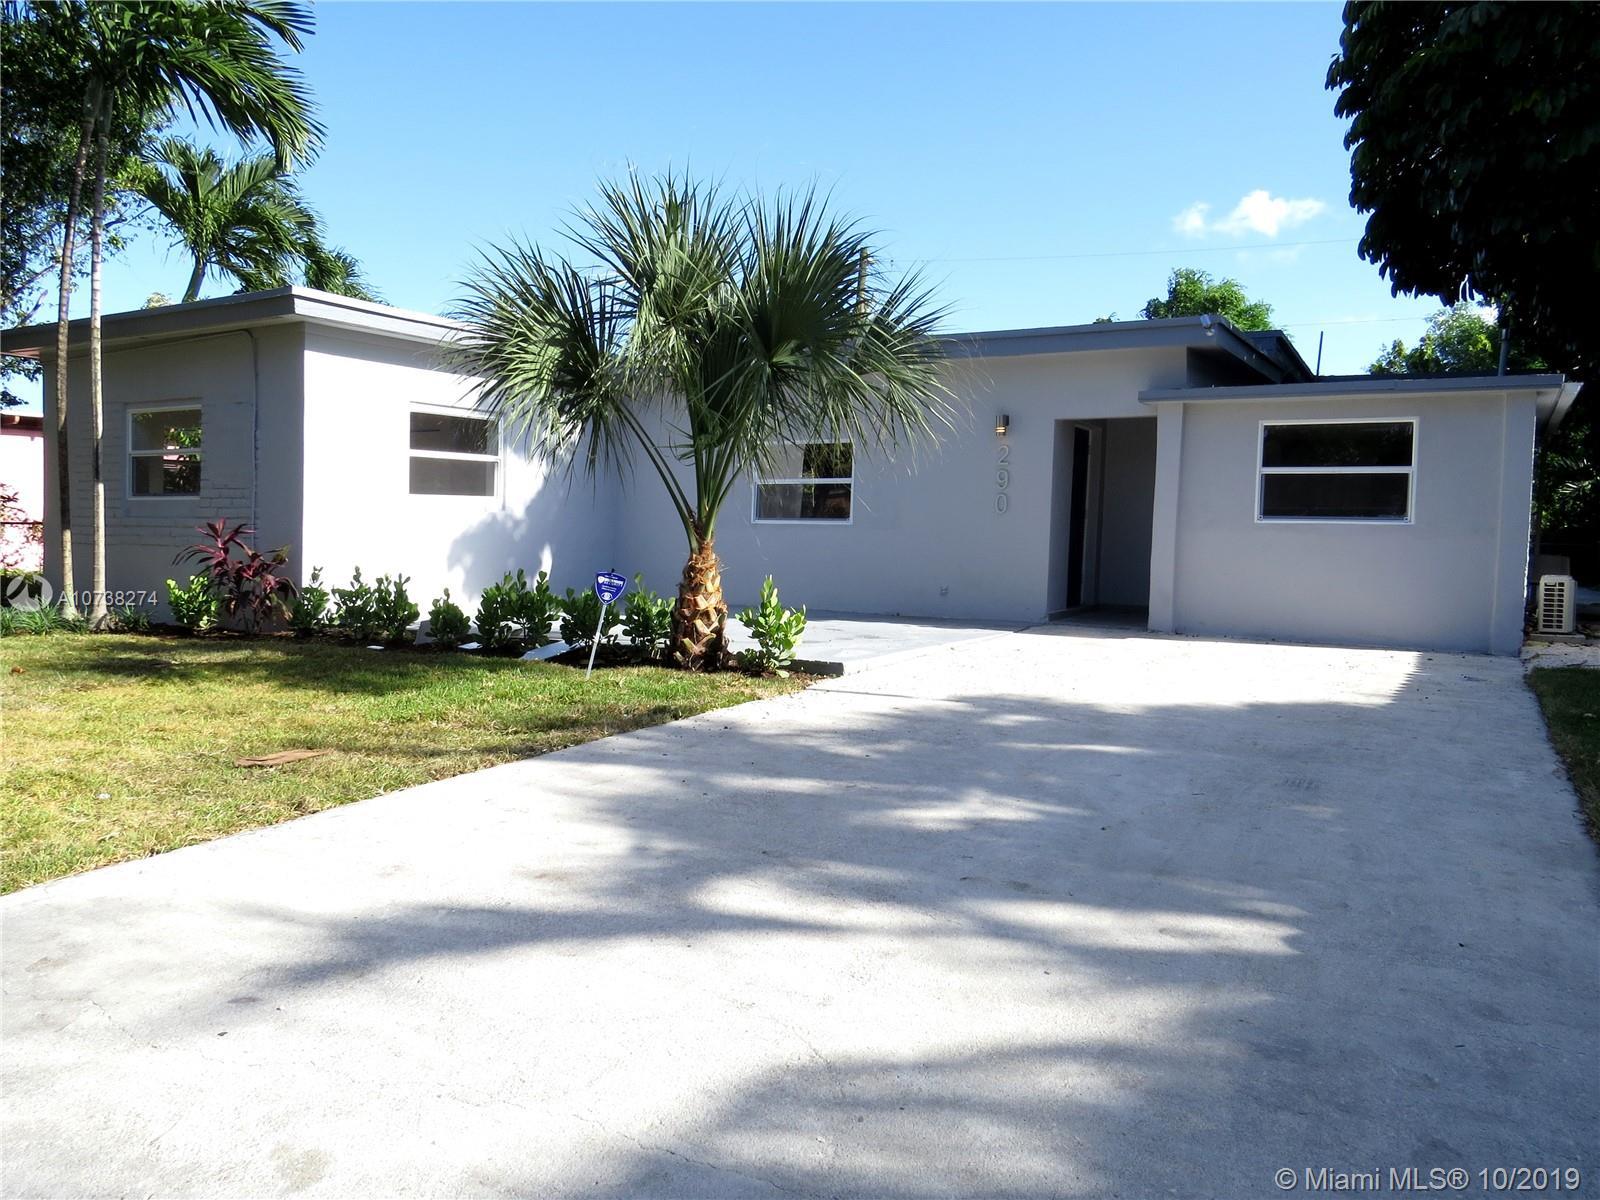 290 NW 108th Ter, Miami Shores, Florida